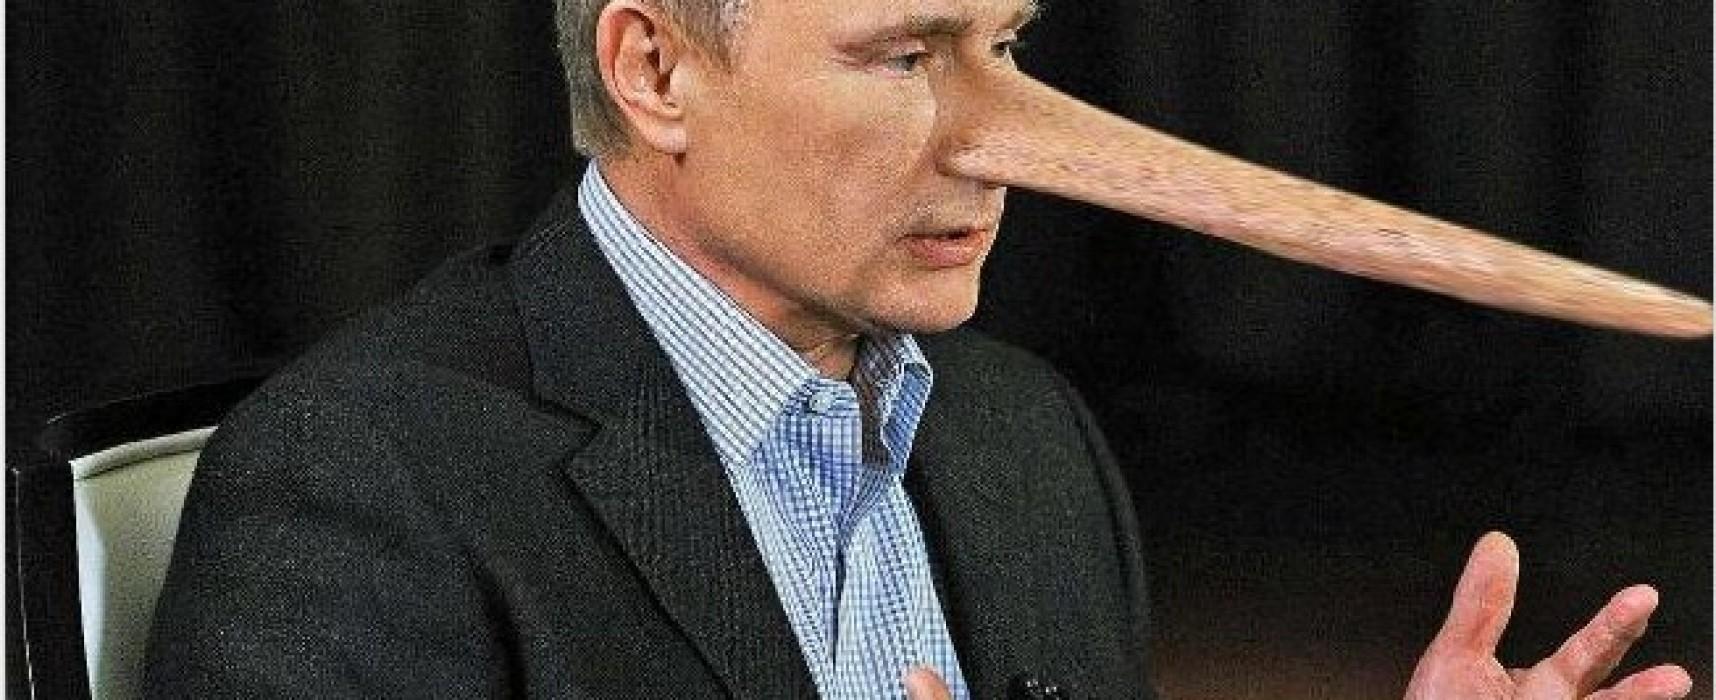 German Newspaper Found Lies in Vladimir Putin's Interview